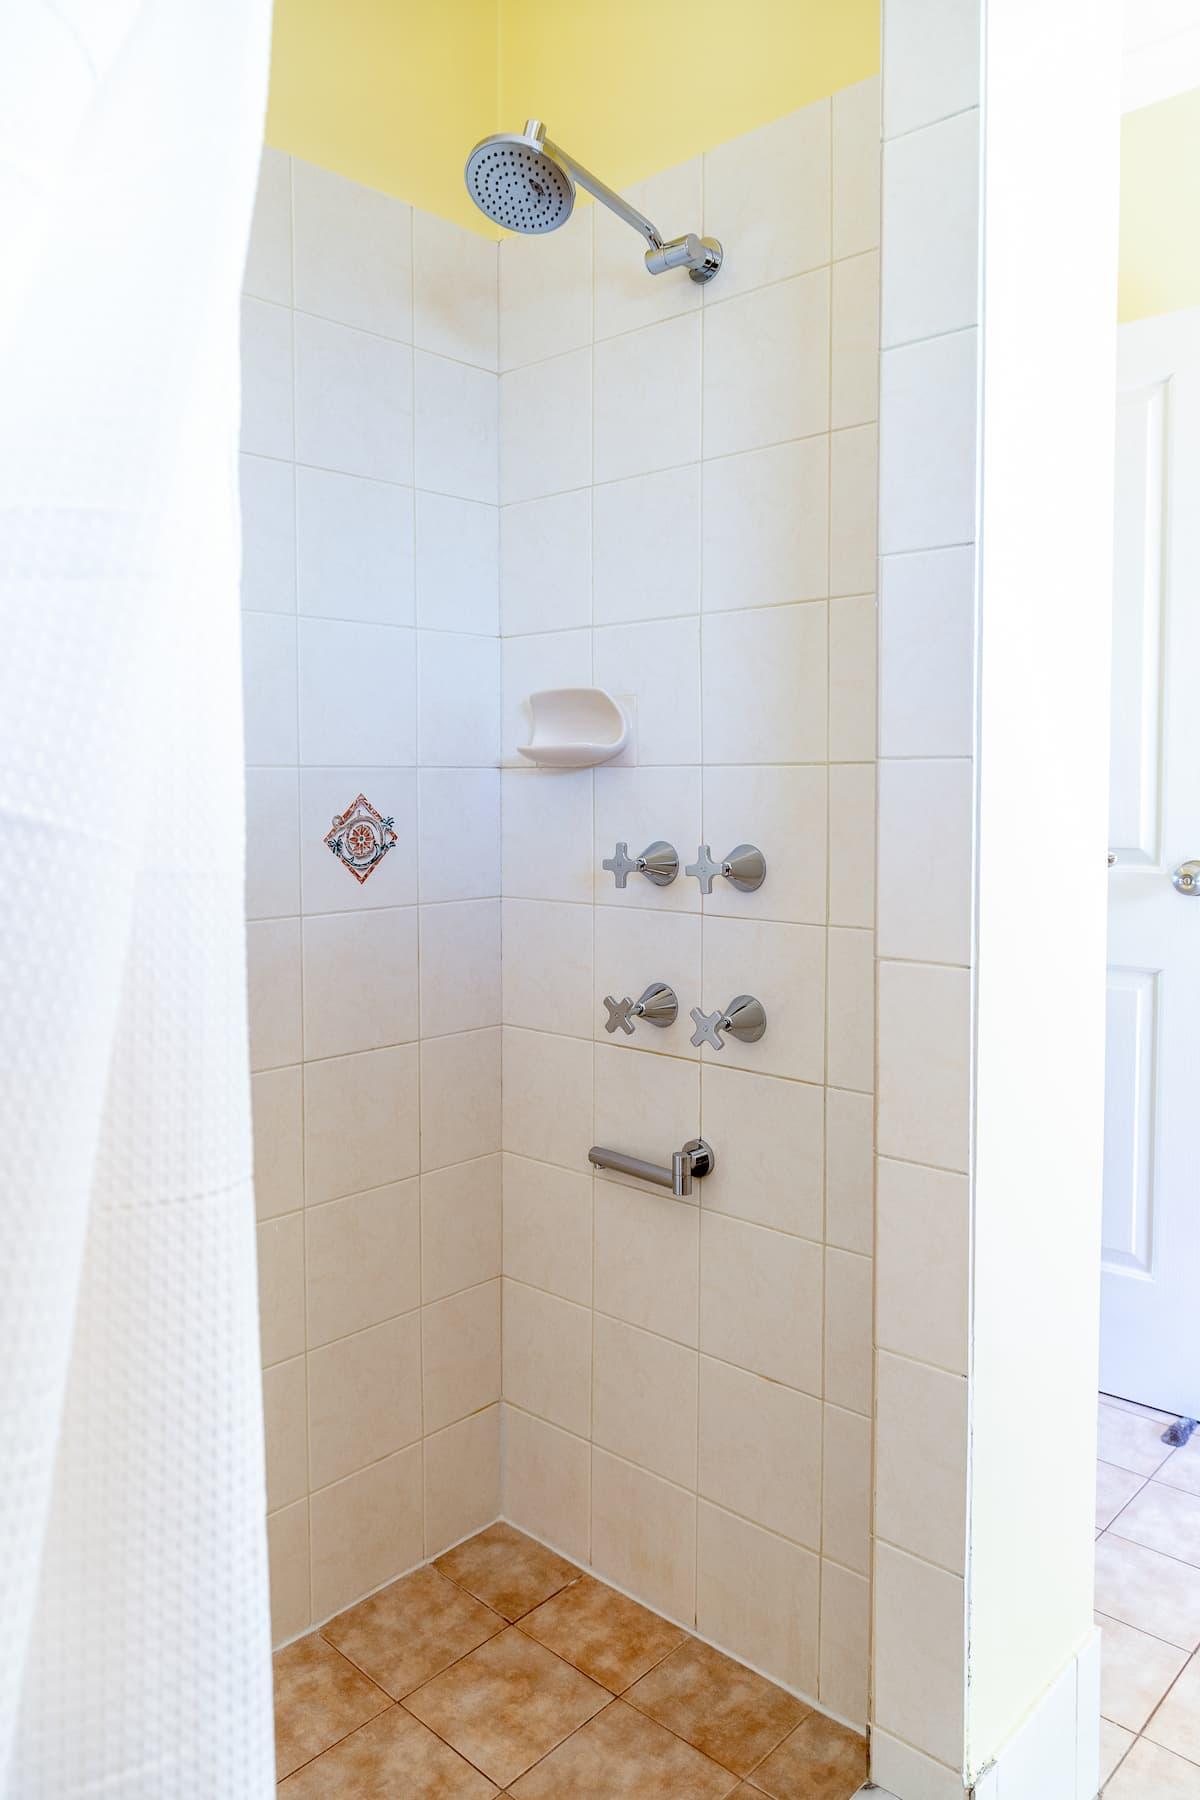 Gampi's shower